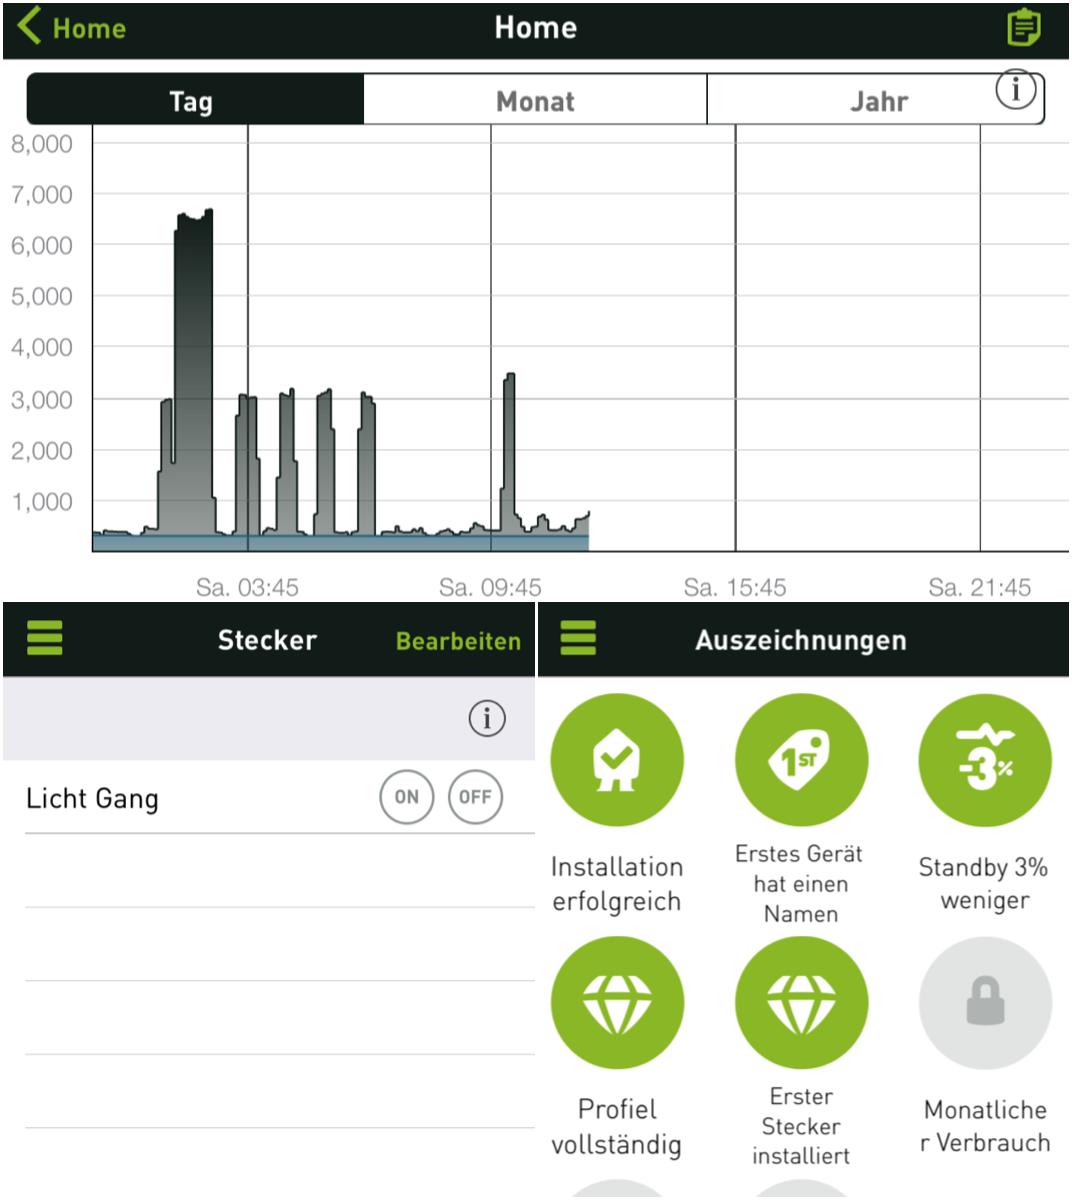 Detailiertes Verbrauchsdiagramm (oben), Steuerung der Plugs (links) und Auszeichnungen (rechts)